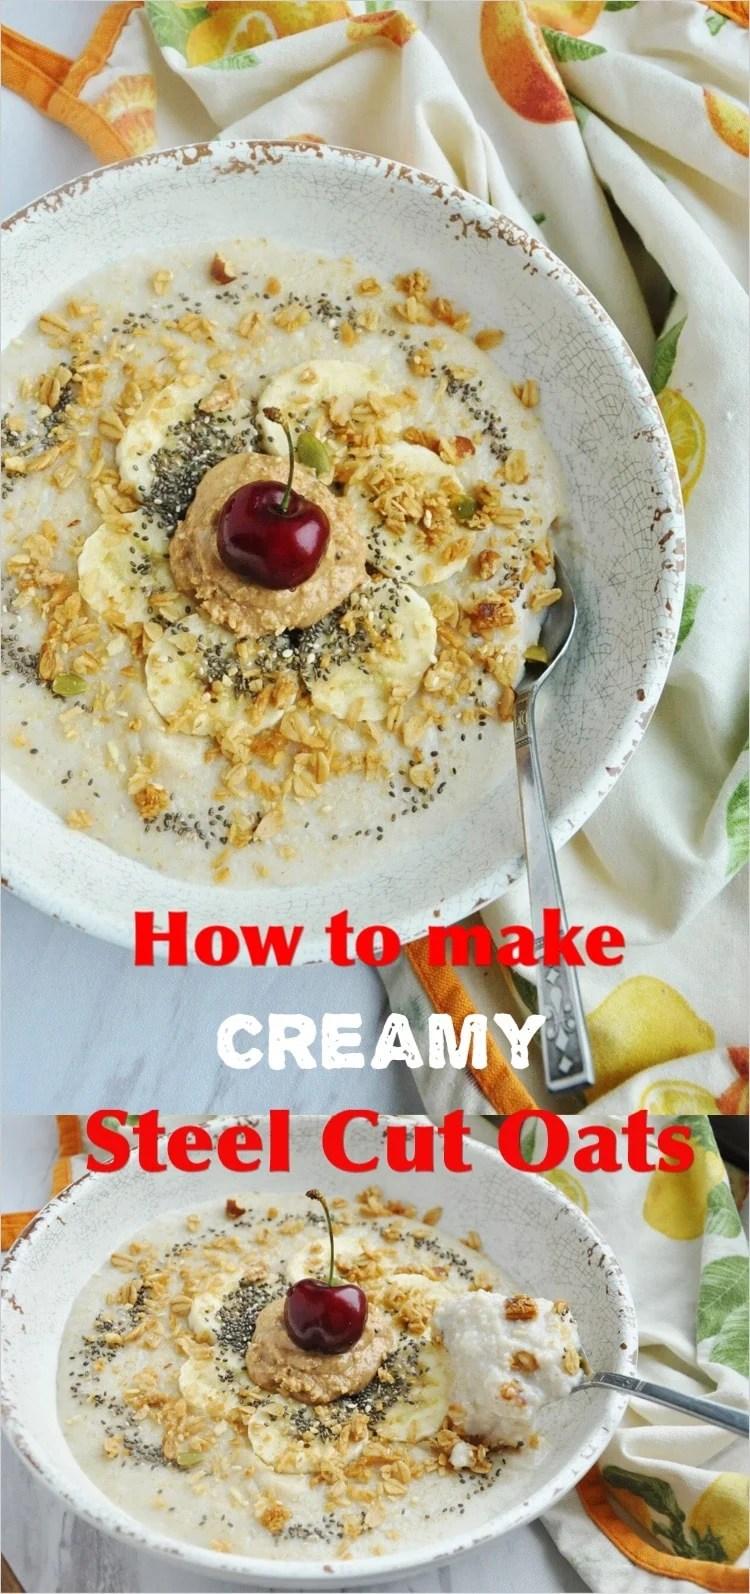 Creamy Steel Cut Oats pin